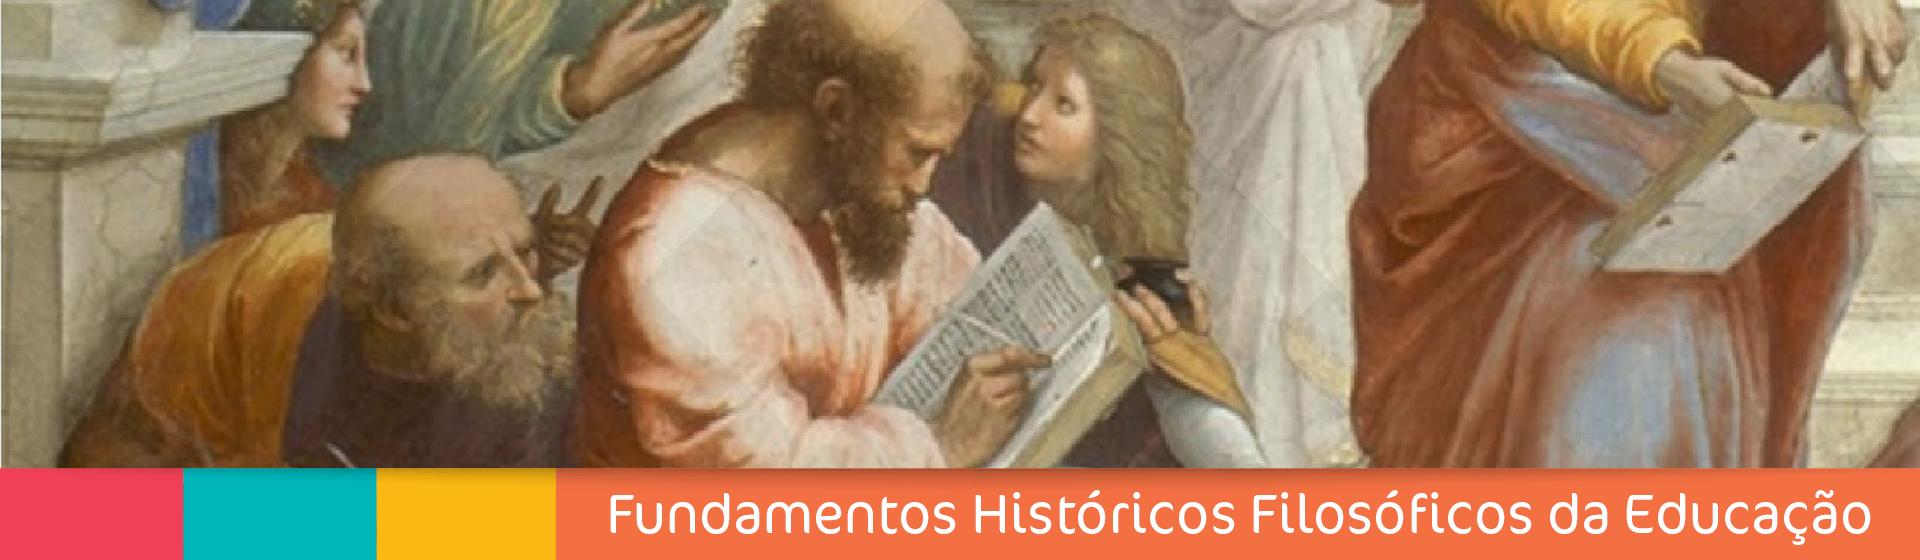 Fundamentos historicos filosoficos educacao 1